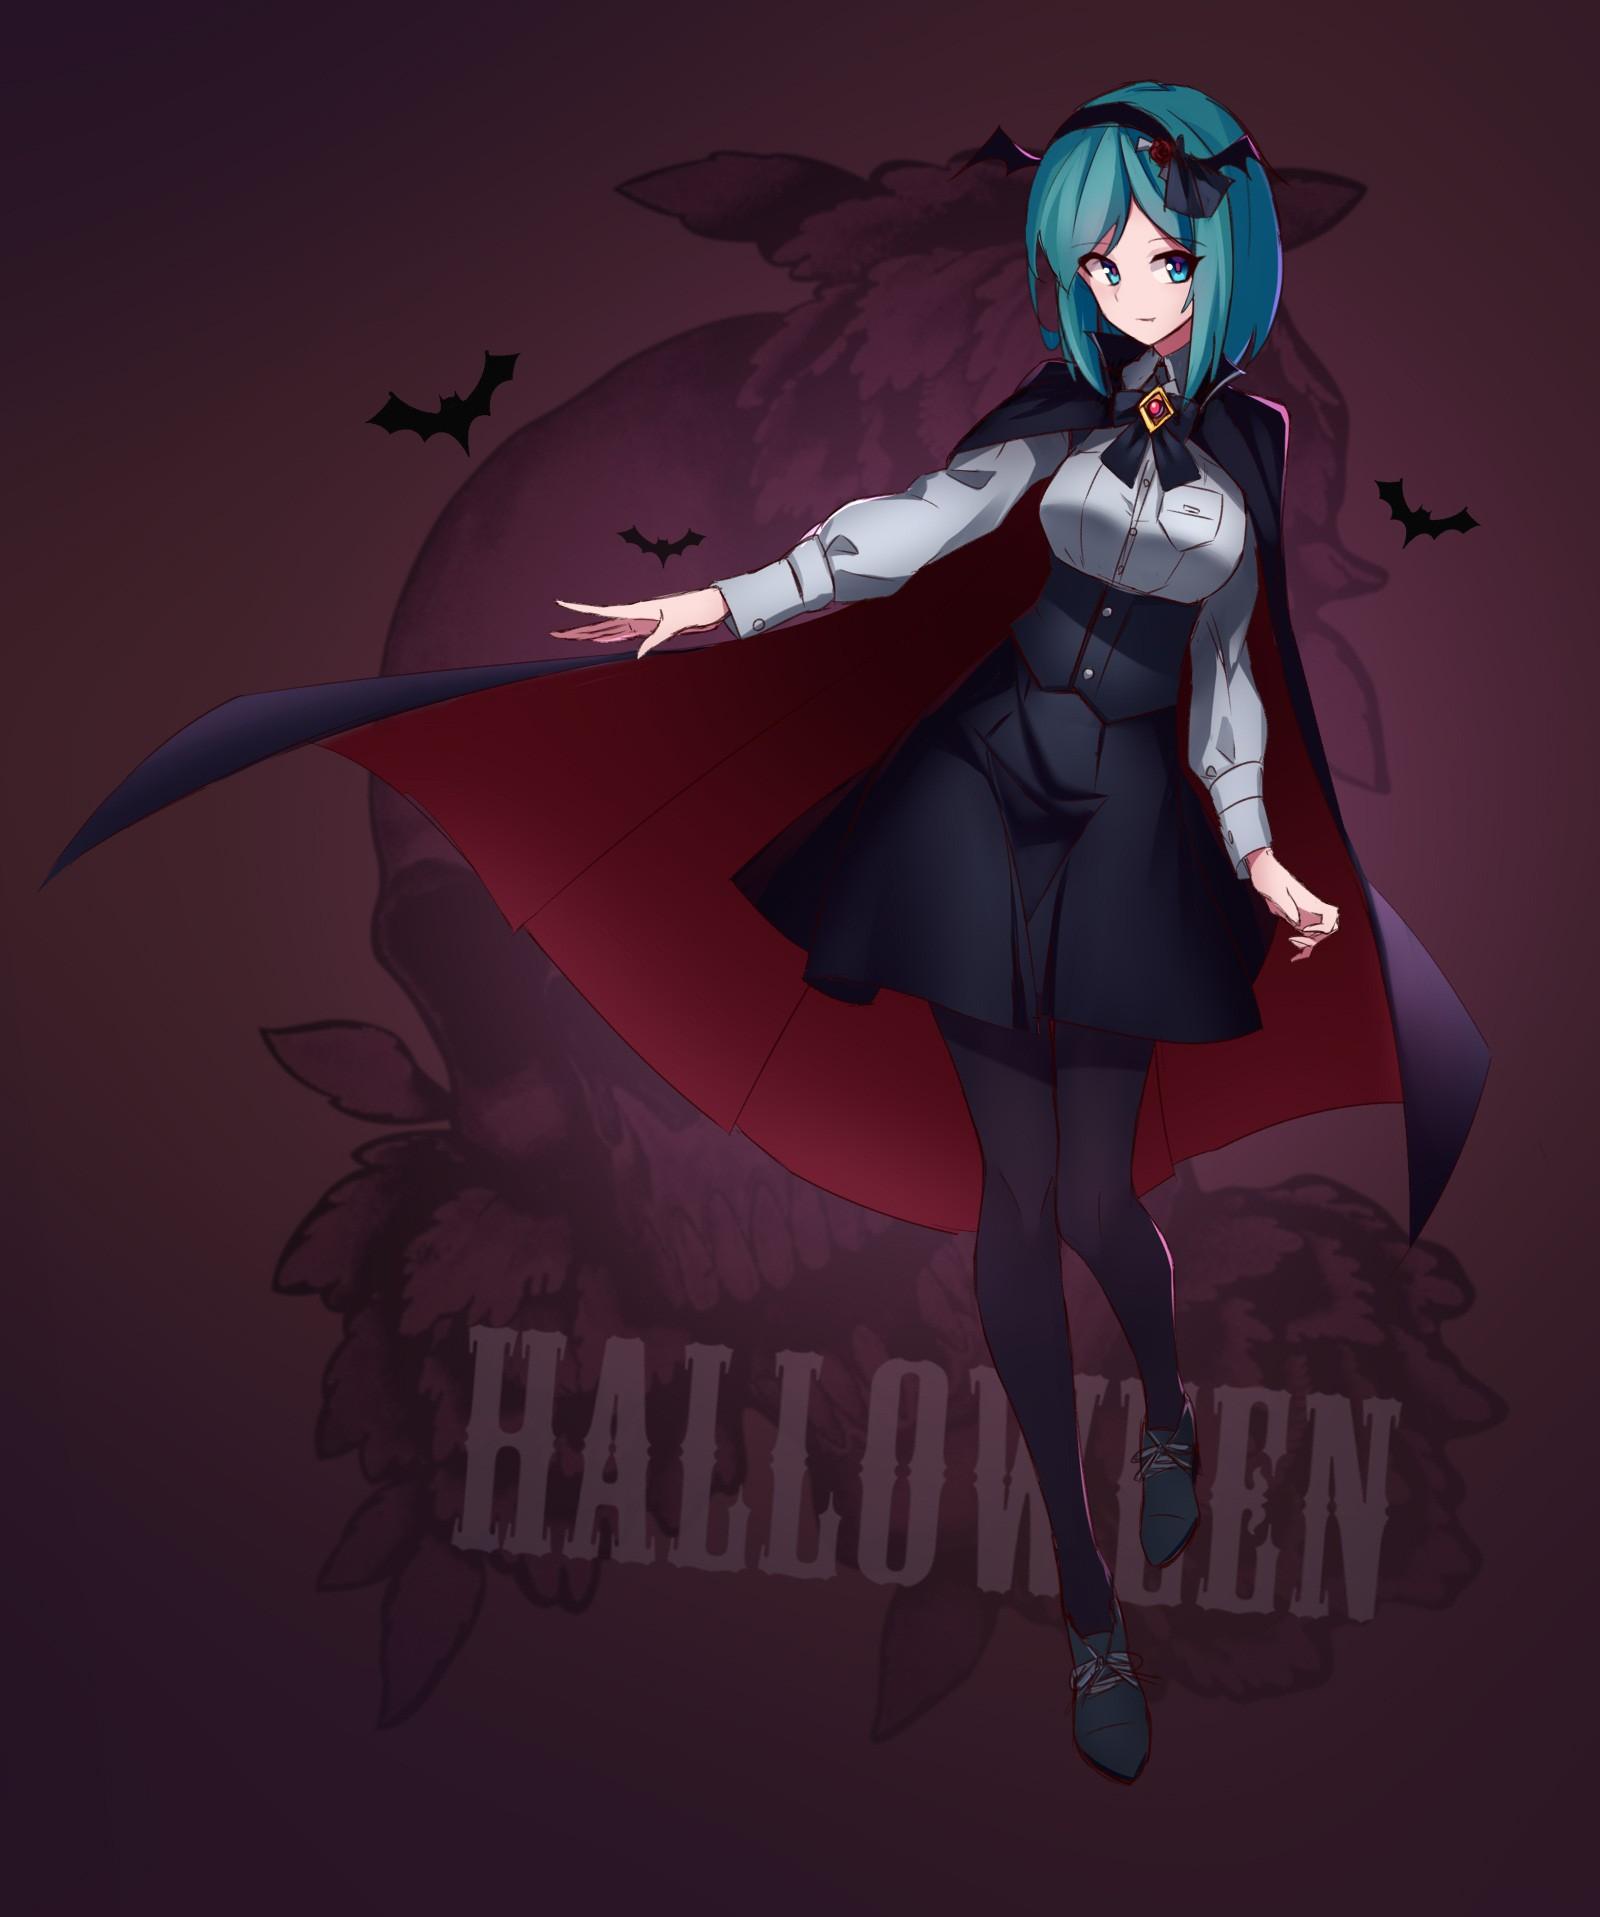 wallpaper illustration anime girls blue hair blue eyes short